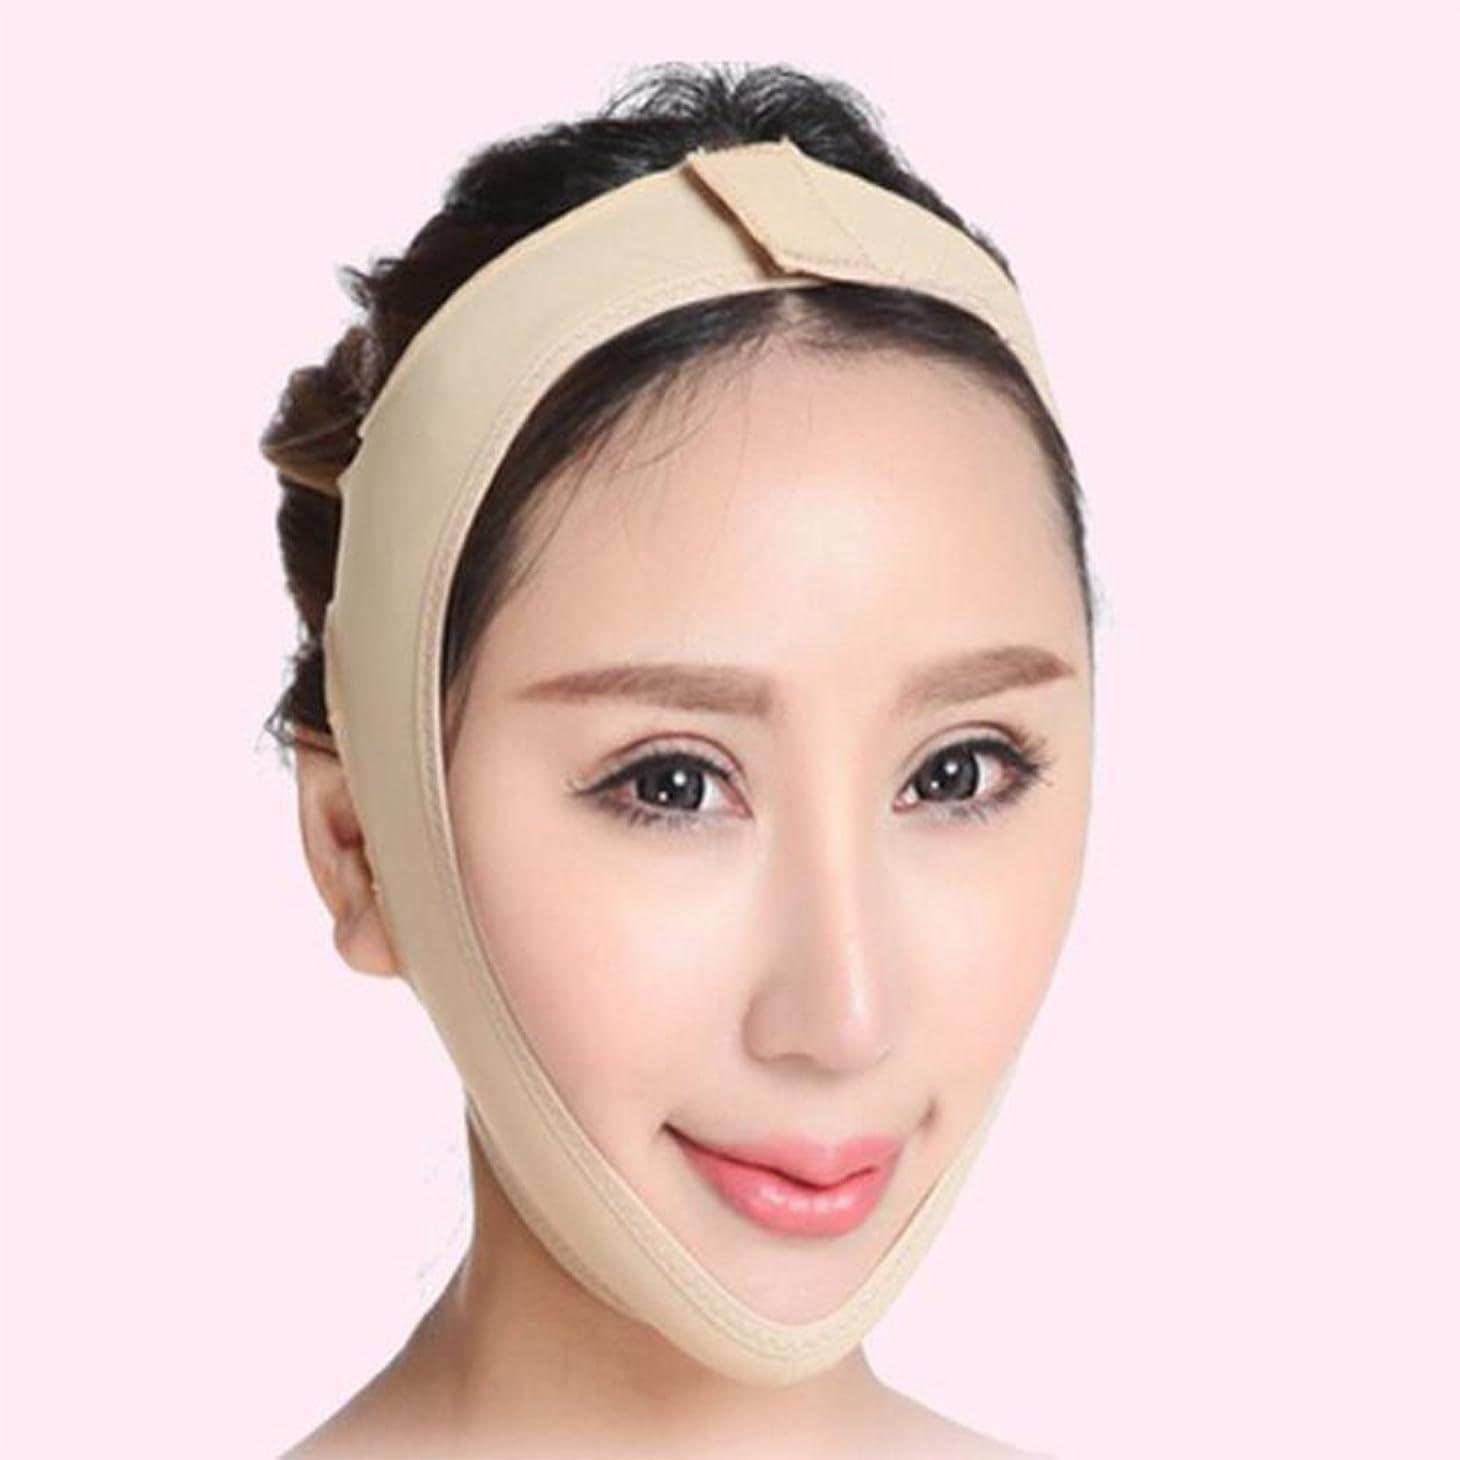 ダースレジデンスできればSD 小顔 小顔マスク リフトアップ マスク フェイスライン 矯正 あご シャープ メンズ レディース Mサイズ AZD15003-M